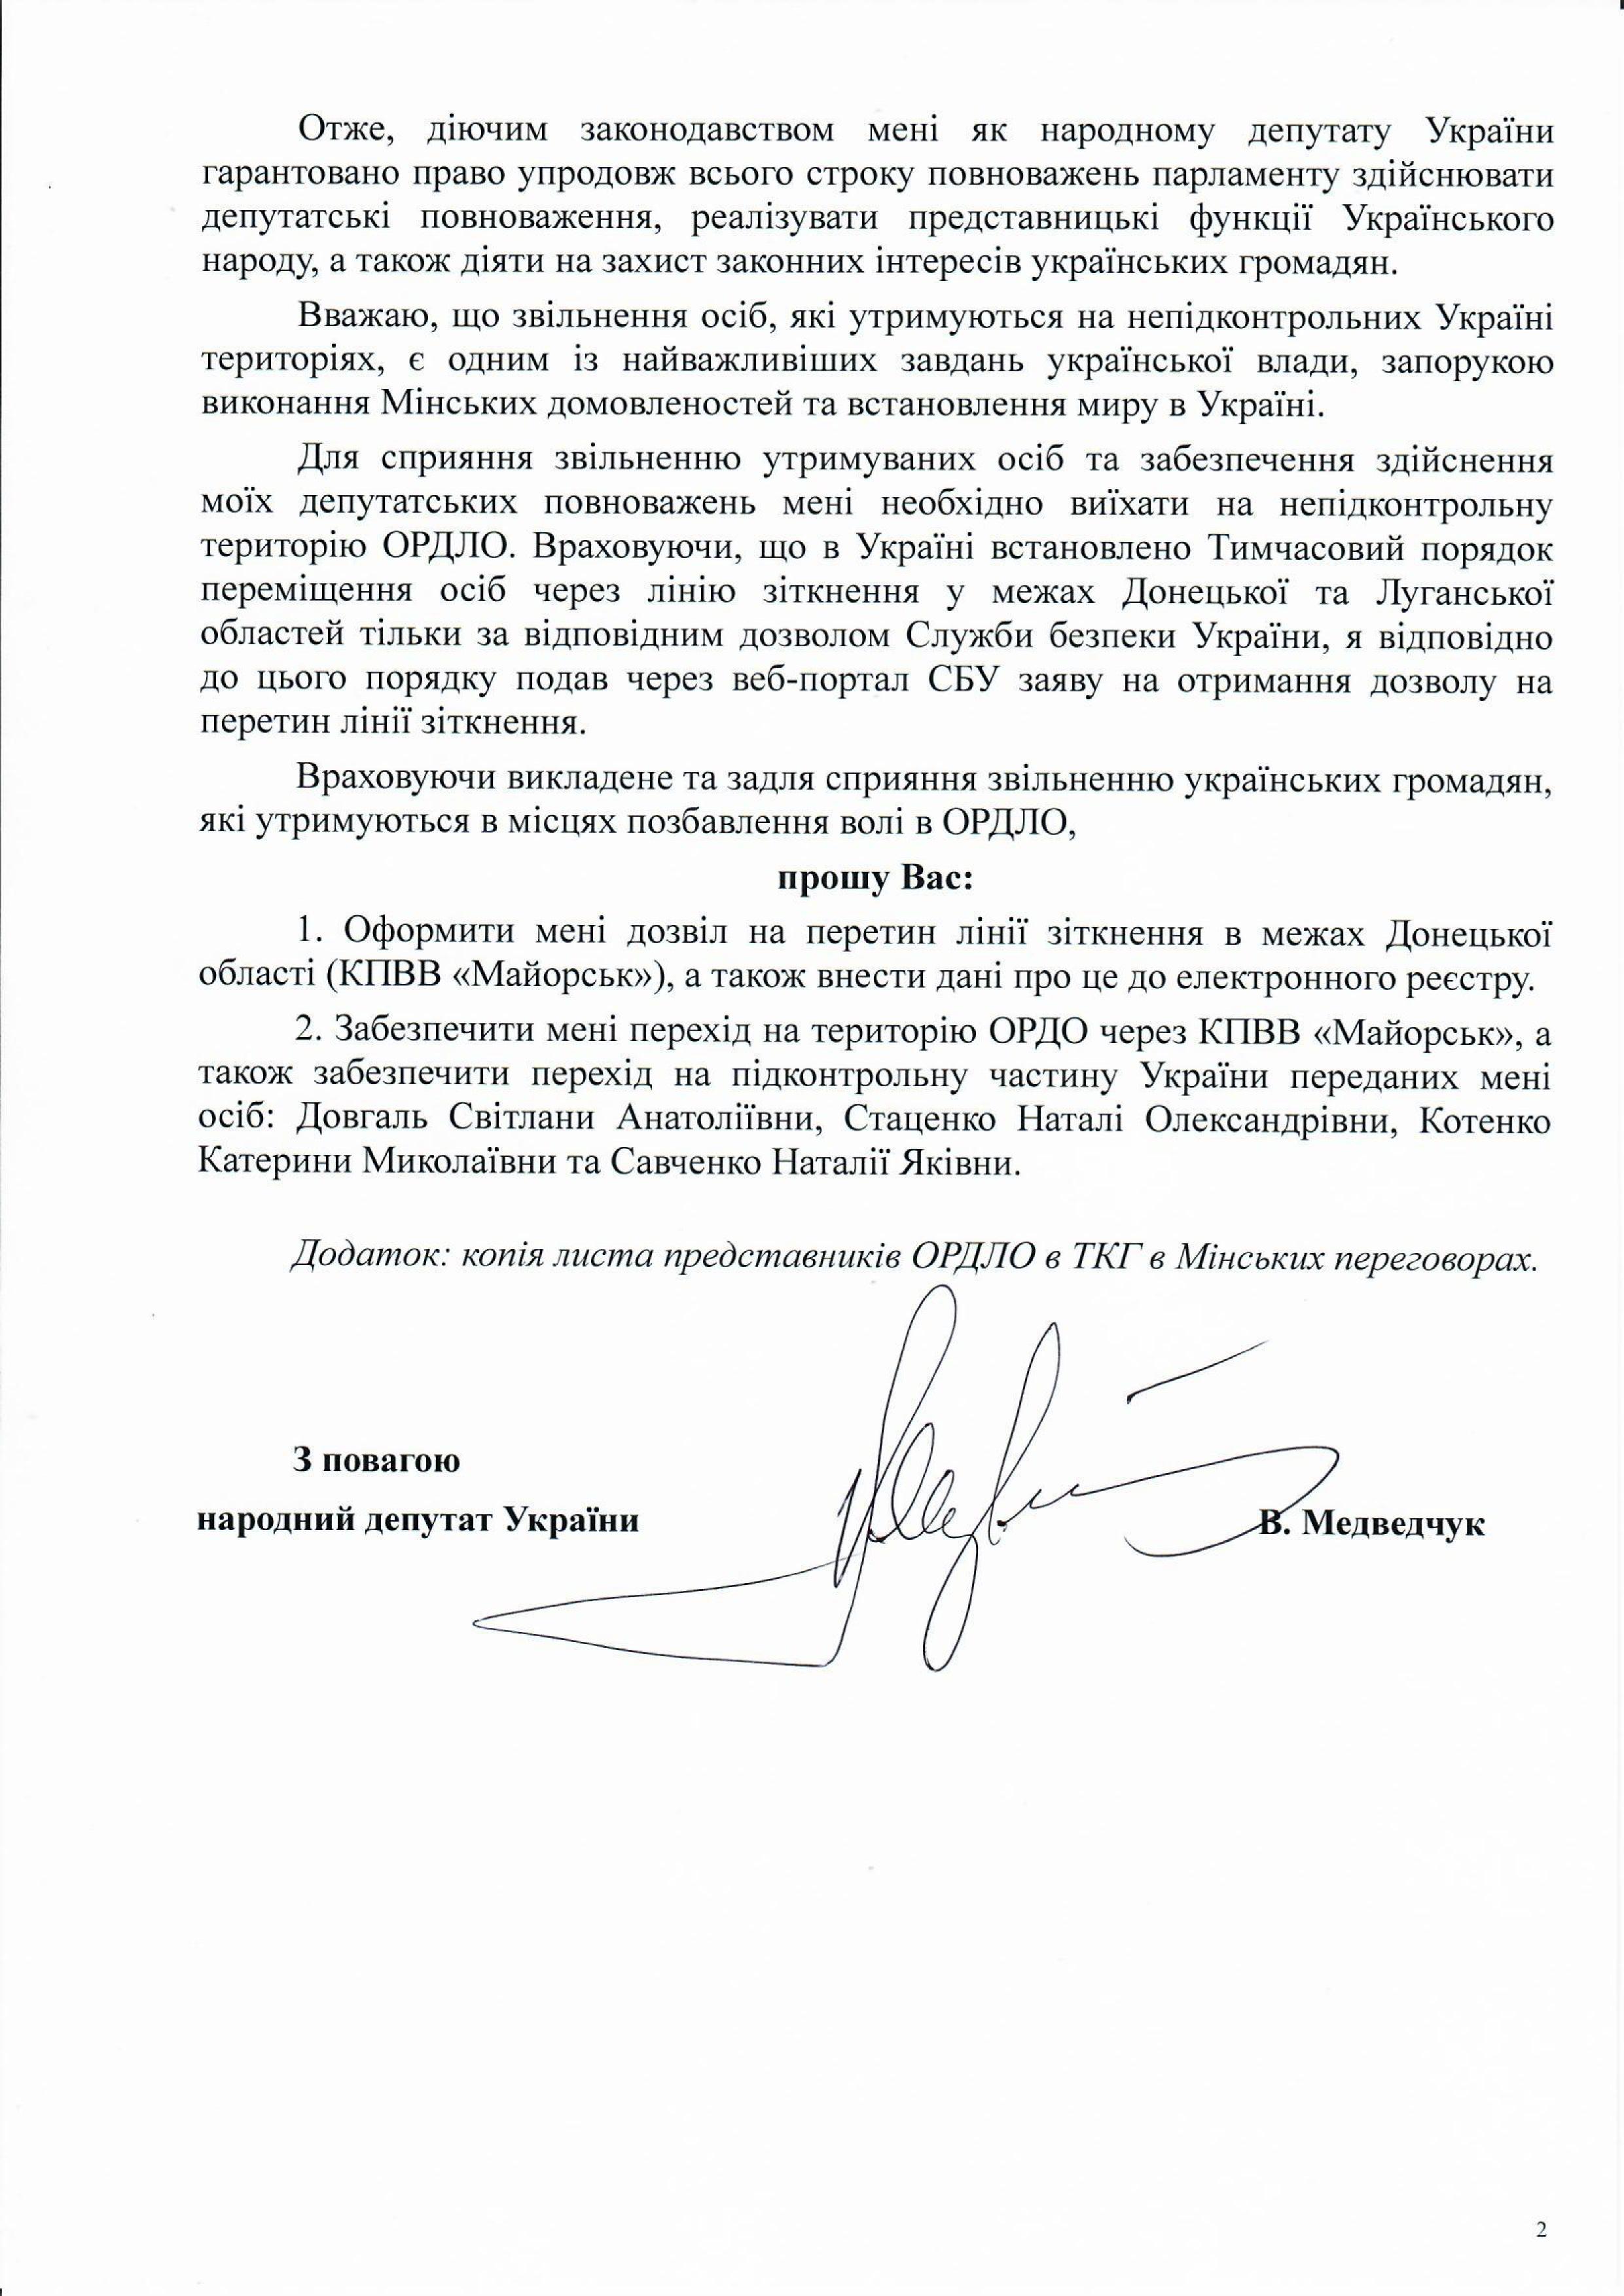 Джангіров: Влада заважає Медведчуку, щоб не дати йому забрати із ОРДЛО утримуваних там жінок - фото 3